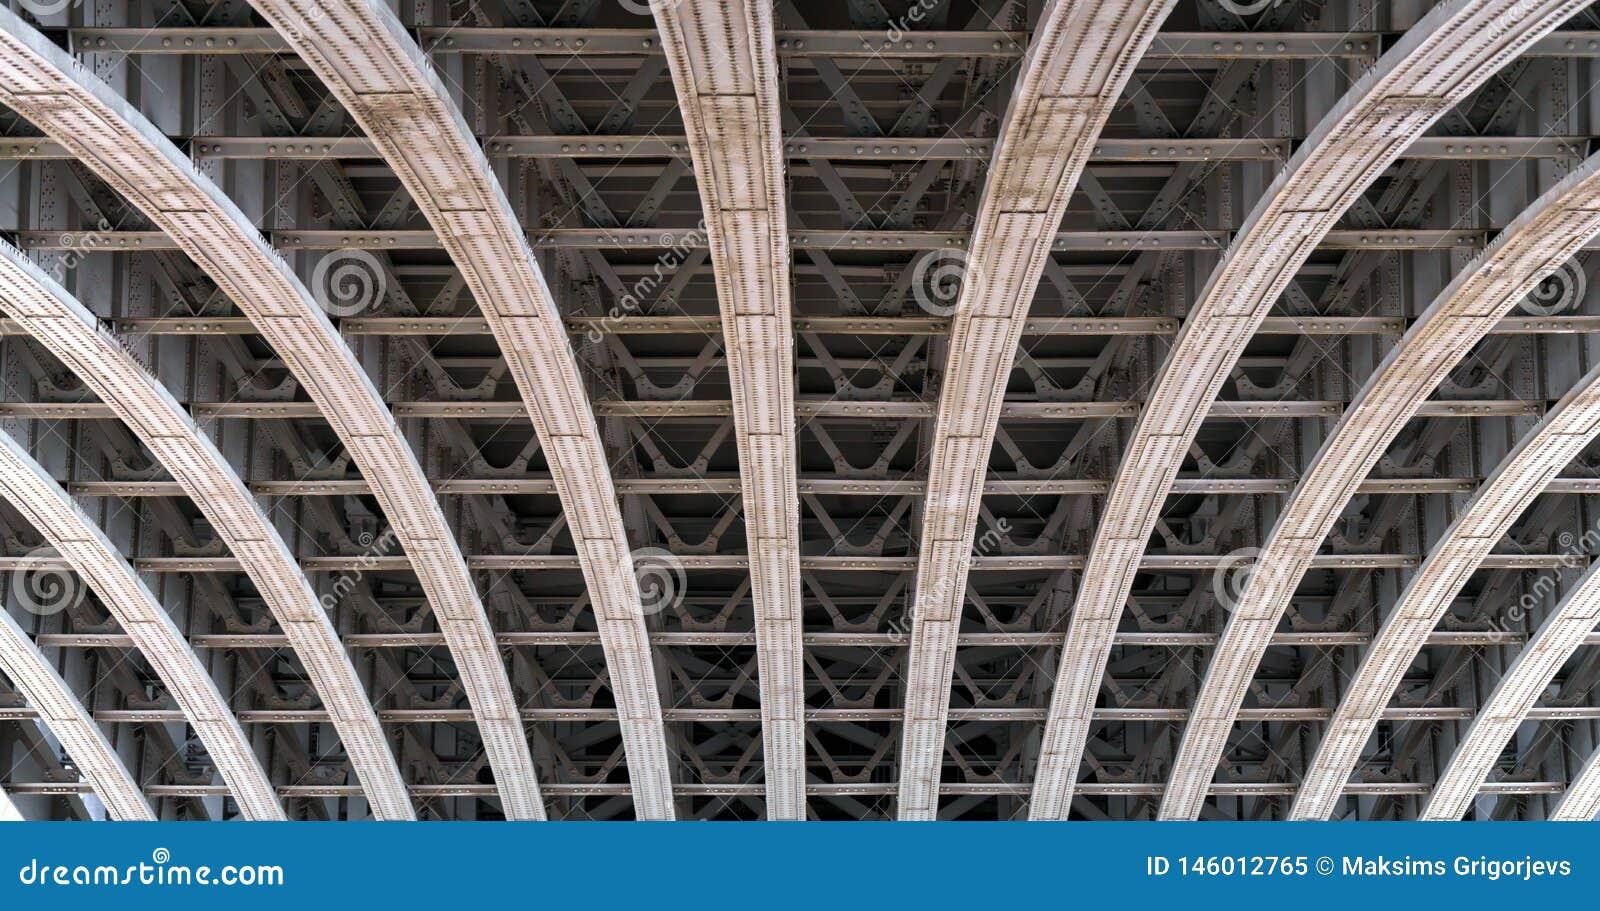 Свод рамок под мостом над рекой Темза в Лондоне